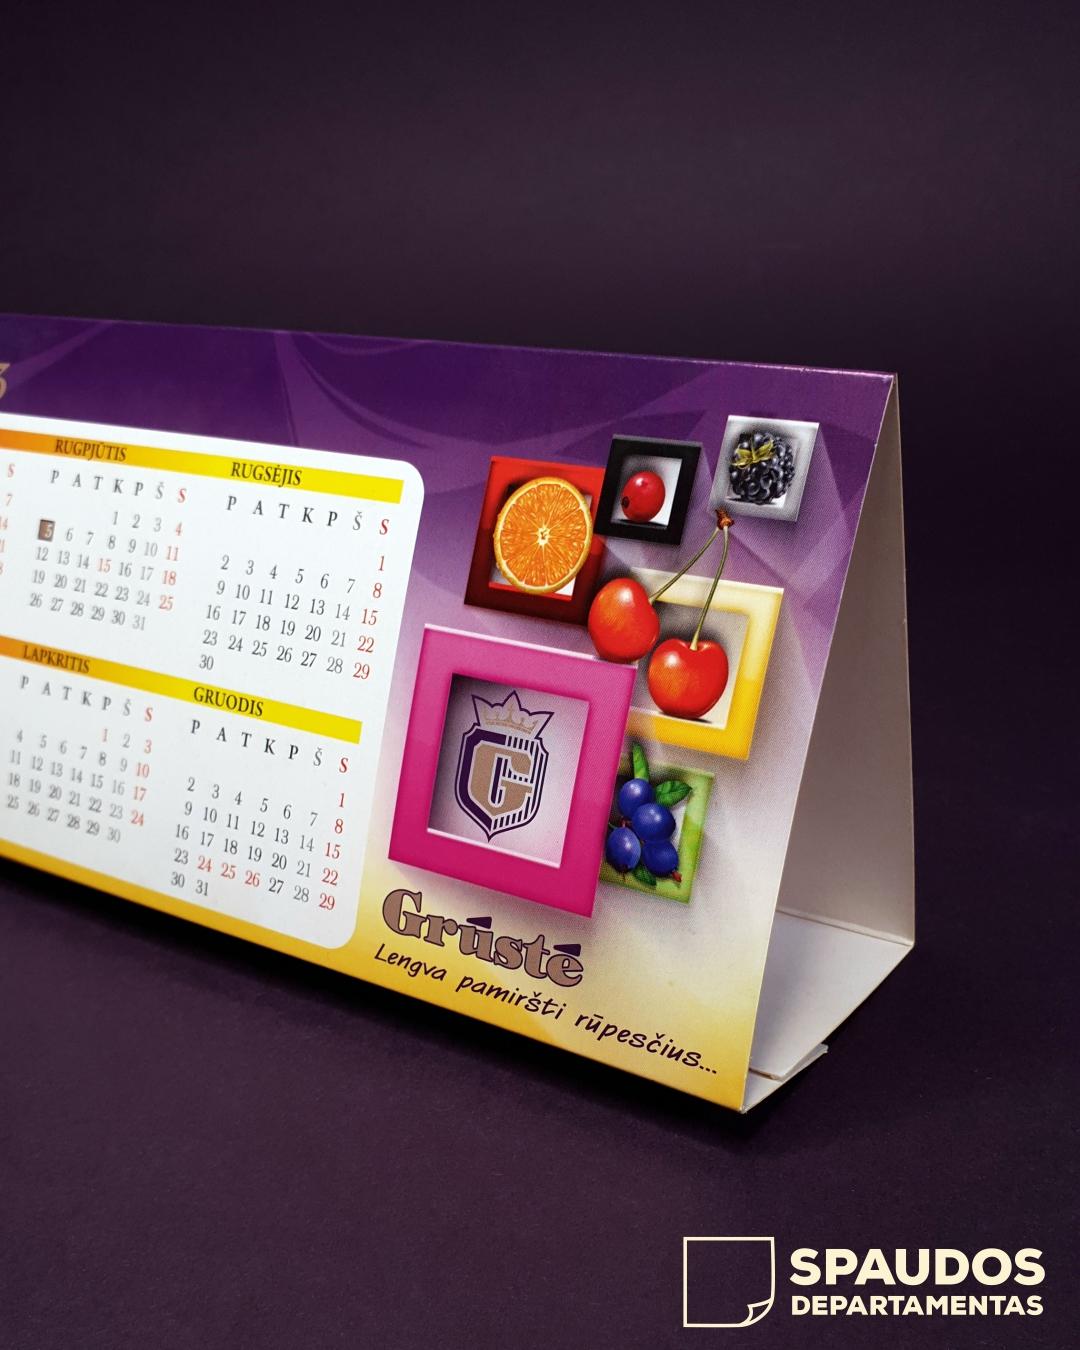 Staliniai kalendoriai | Spaudos Departamentas